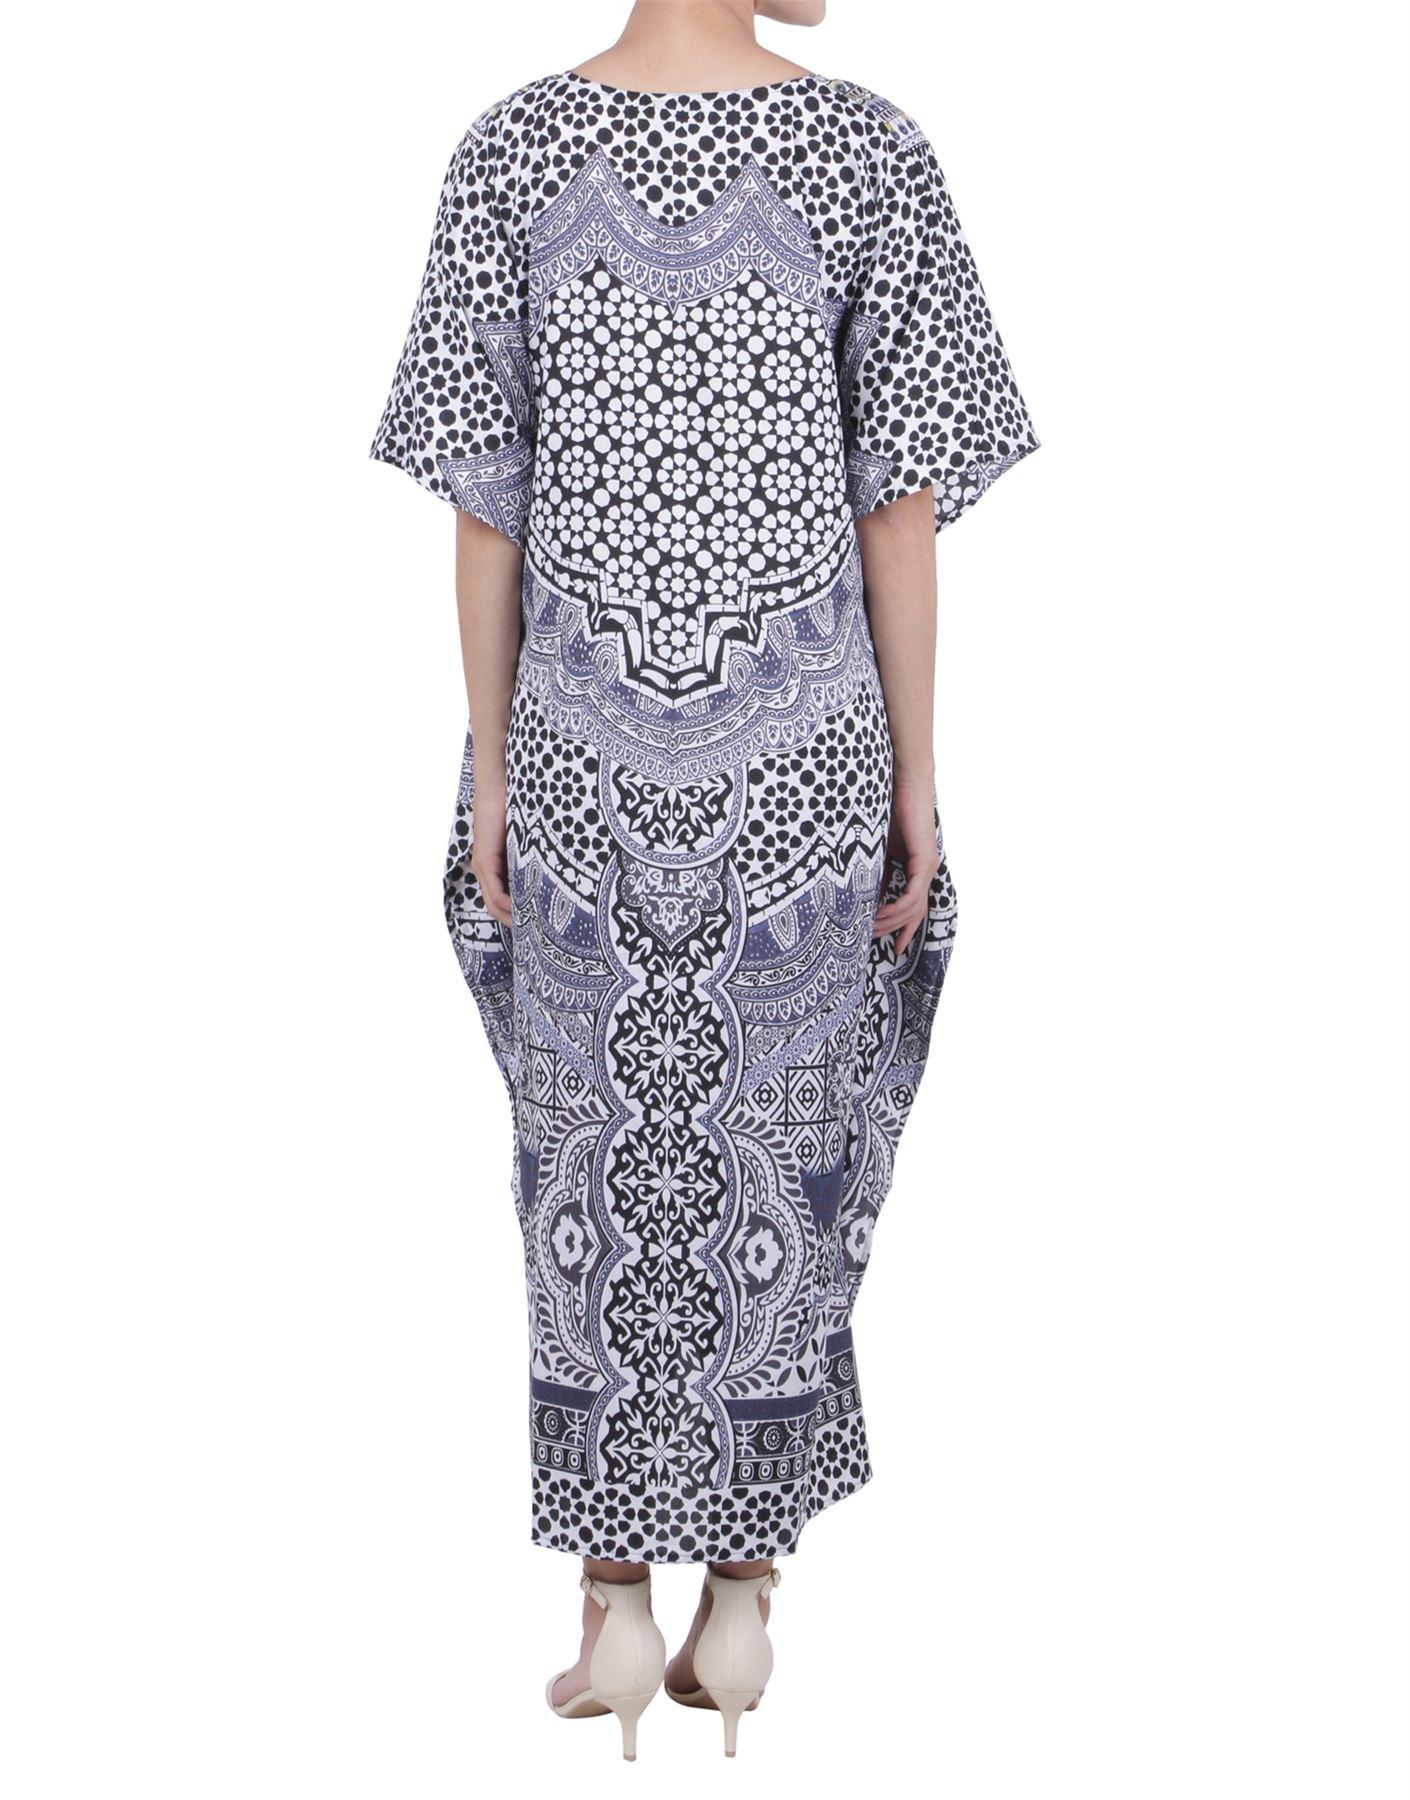 243d69ede77e Miss Lavish London Kaftan Tunic Plus Size Beach Cover Up Maxi Dress ...